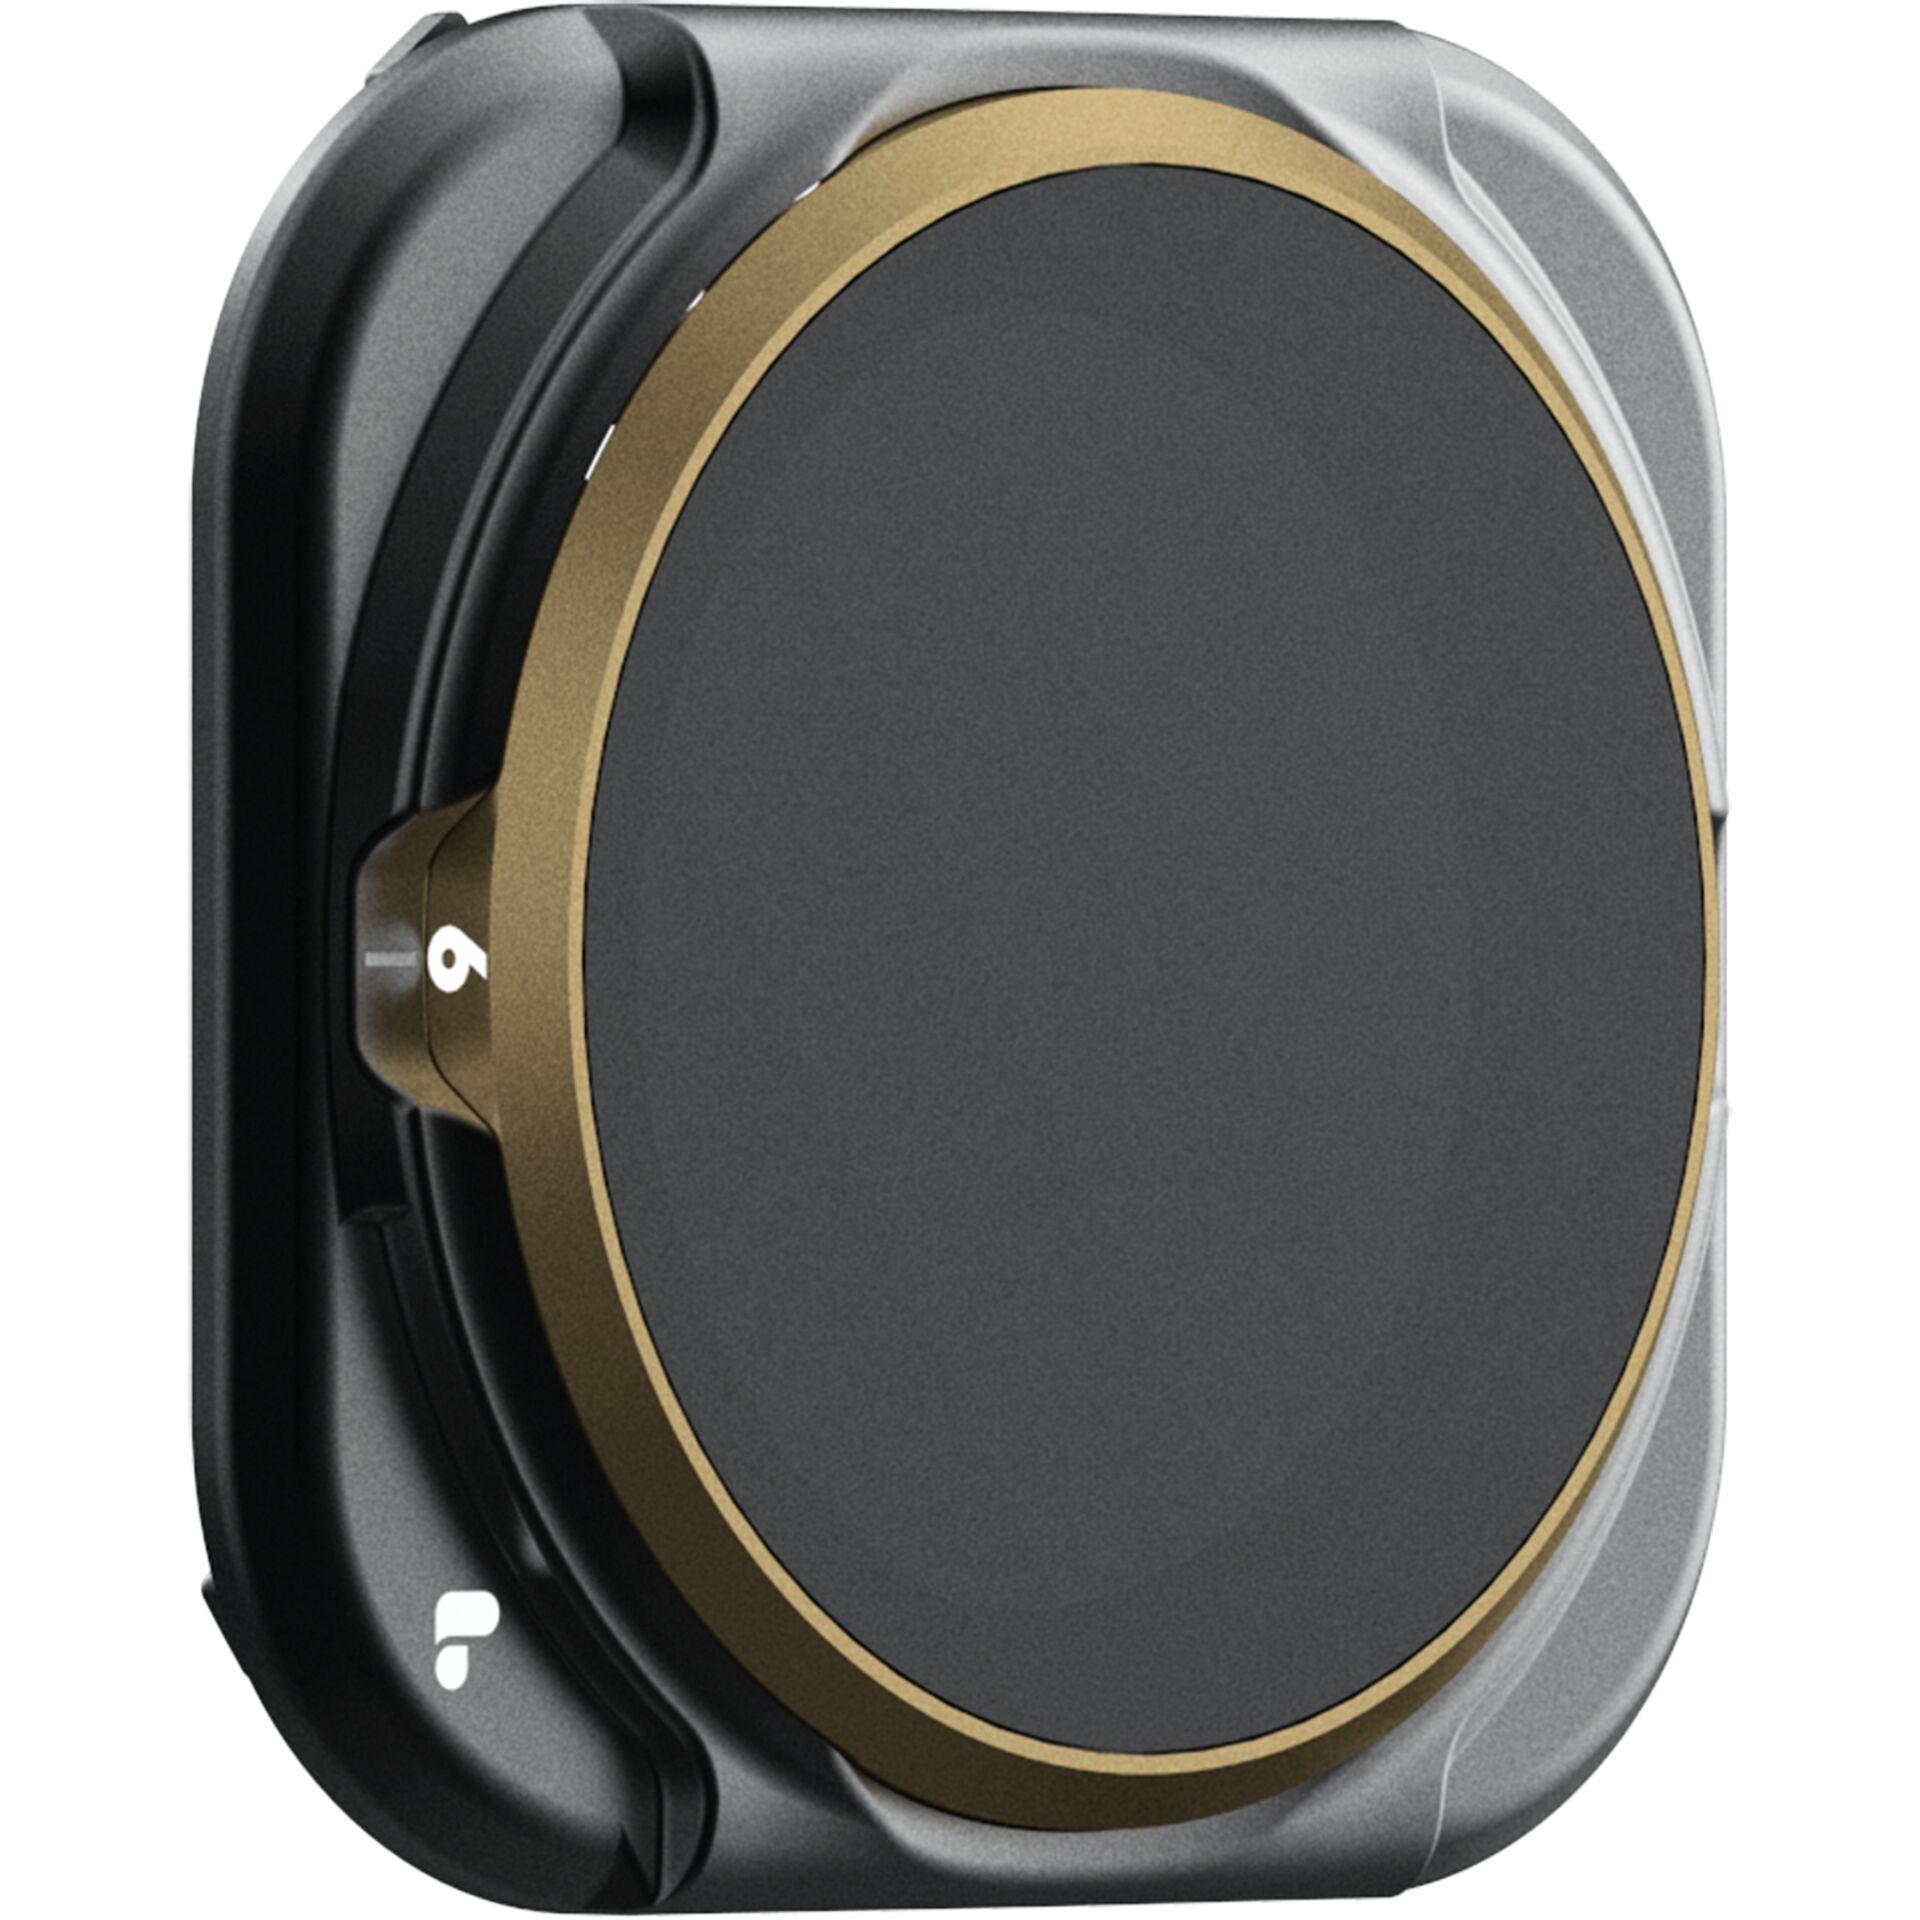 PolarPro VND Filter 6-9 Stops for DJI Mavic 2 Pro